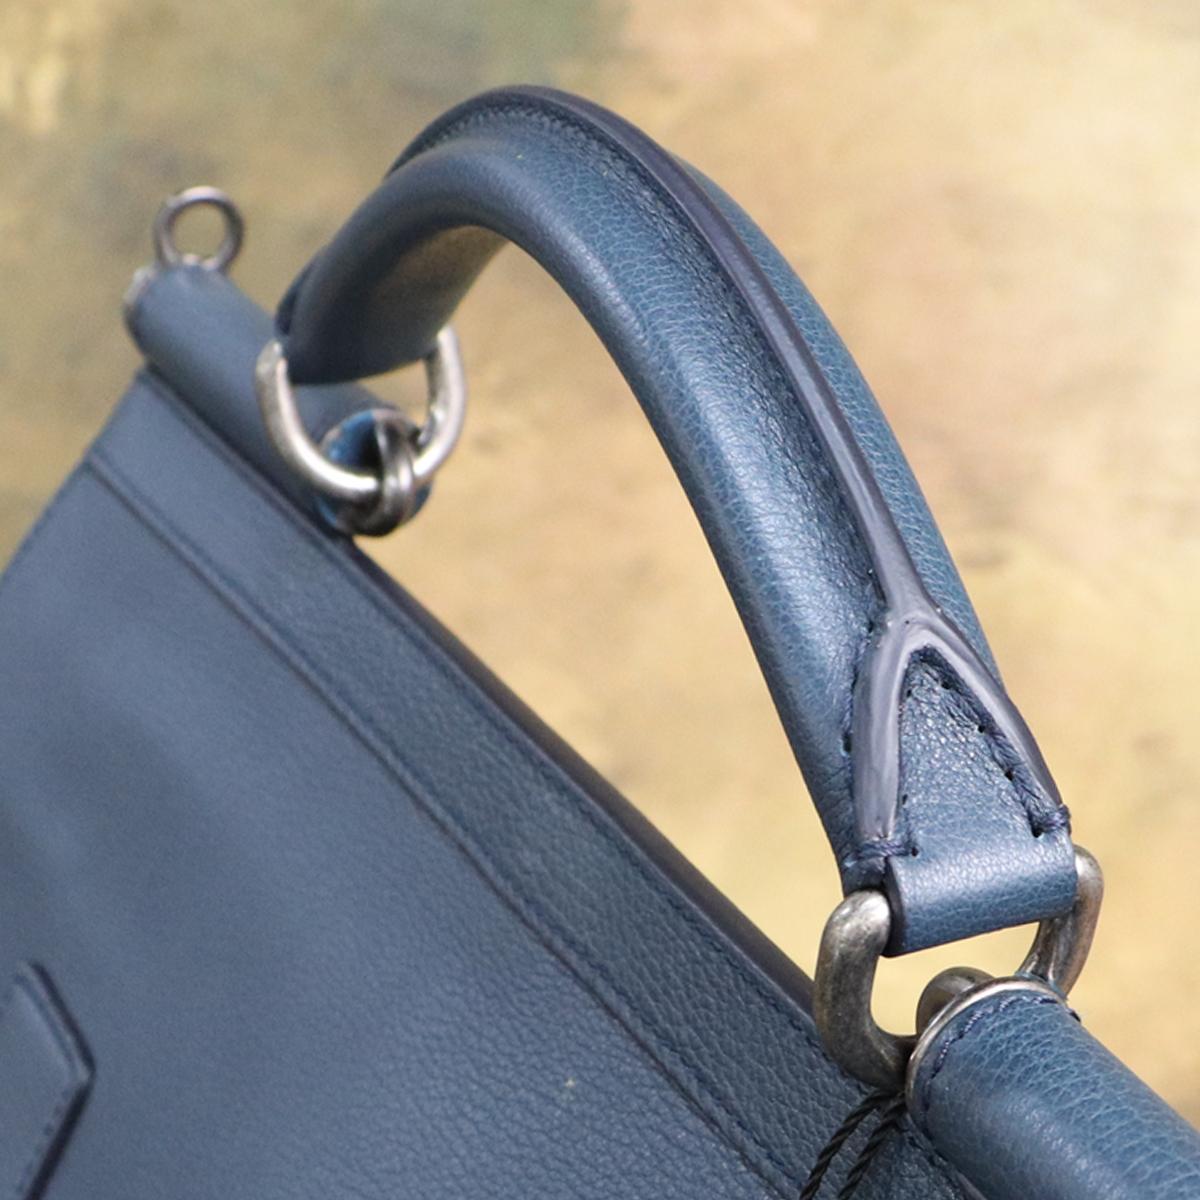 本物 新品 ドルガバ 極希少 メンズ シシリー レザービジネスバッグ 斜め掛け2WAYブリーフケース A4書類トートバッグ DOLCE&GABBANA_画像3